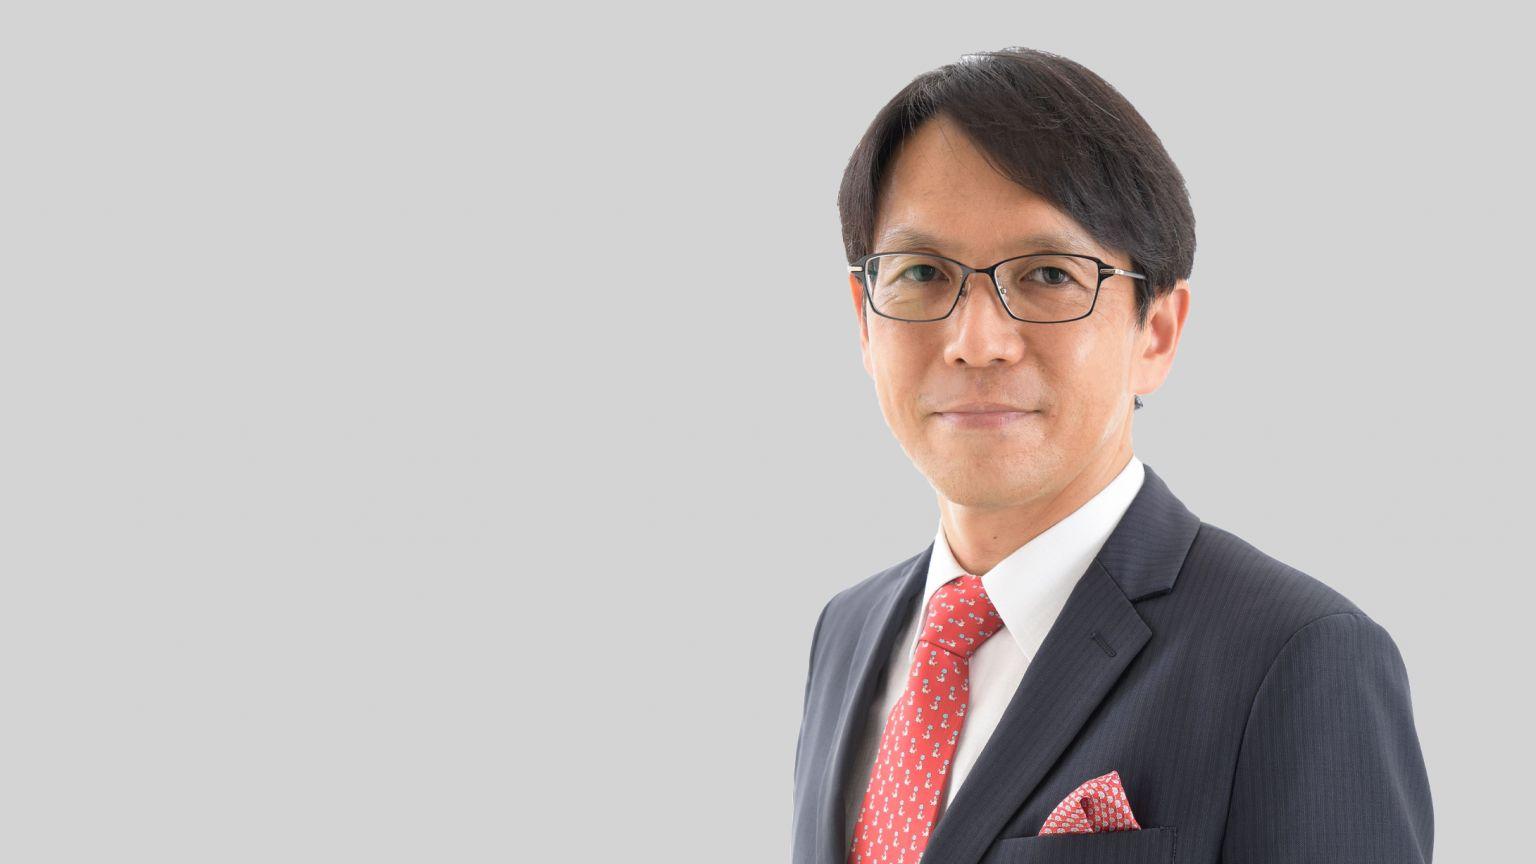 Patrizia baut Japan-Geschäft aus